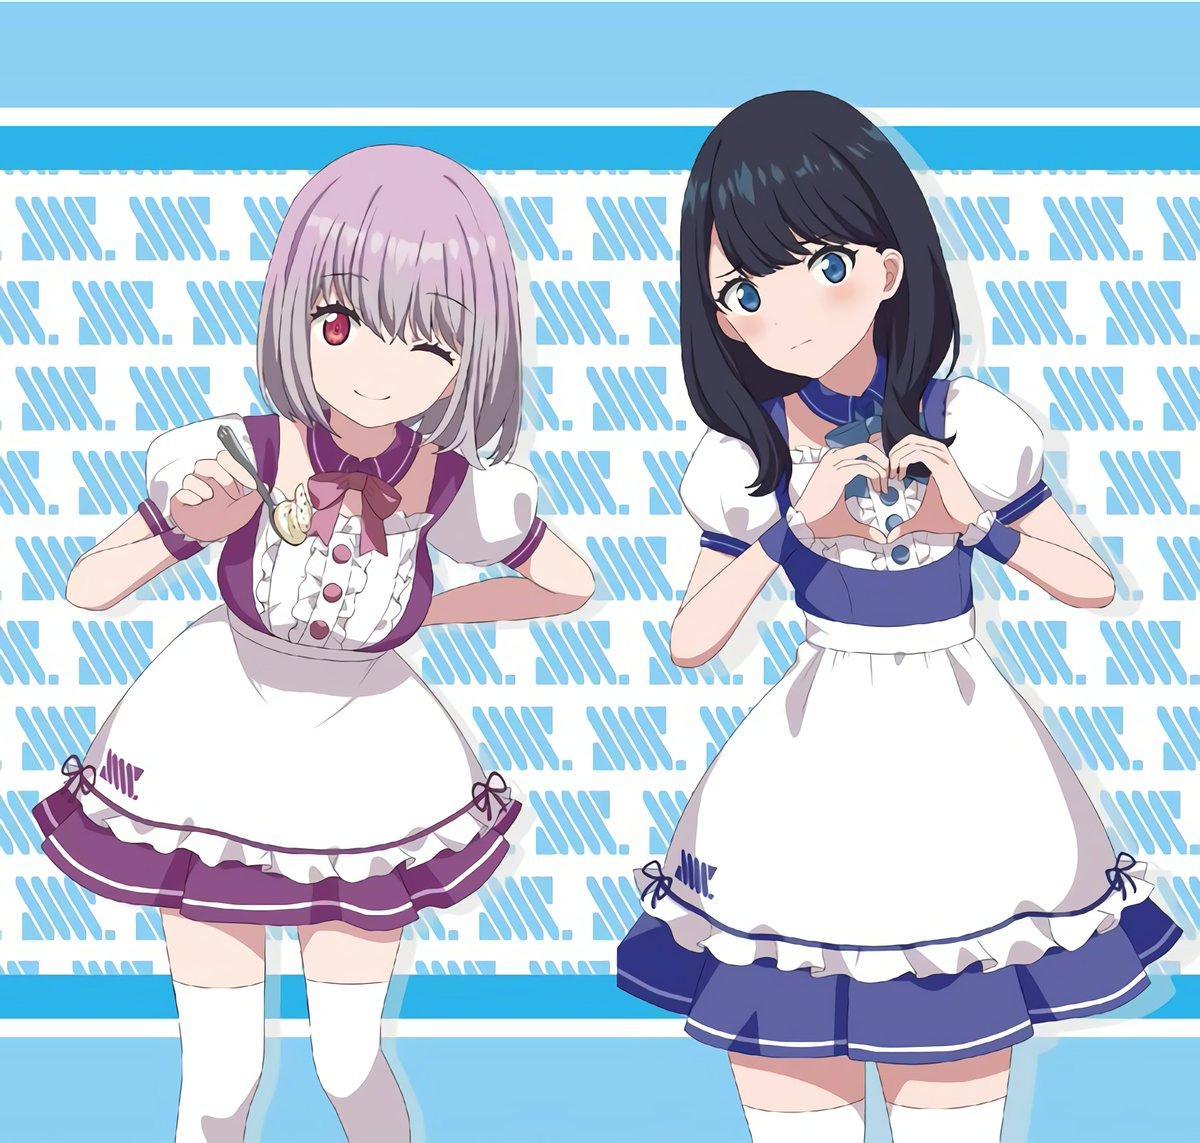 SSSS.GRIDMAN - Maids  #SSSSGRIDMAN  #SSSS_GRIDMAN  #anime